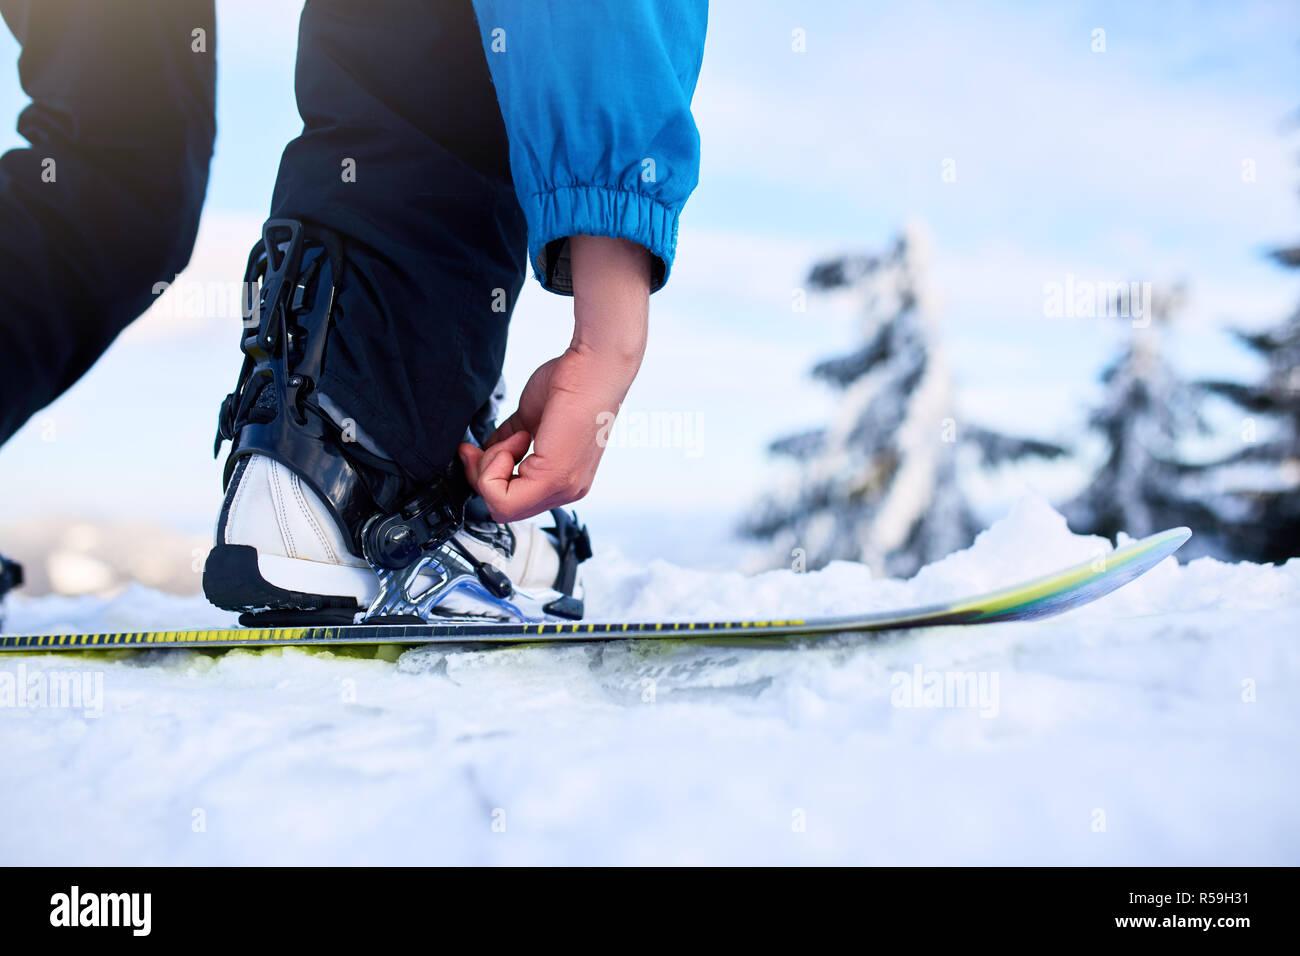 Snowboarder Bänder in seine Beine in Snowboardschuhe in modernen fast flow Bindungen mit Gurten. Reiter am Ski Resort bereitet sich für Freeride Session. Mann, der modische Outfit. Stockbild